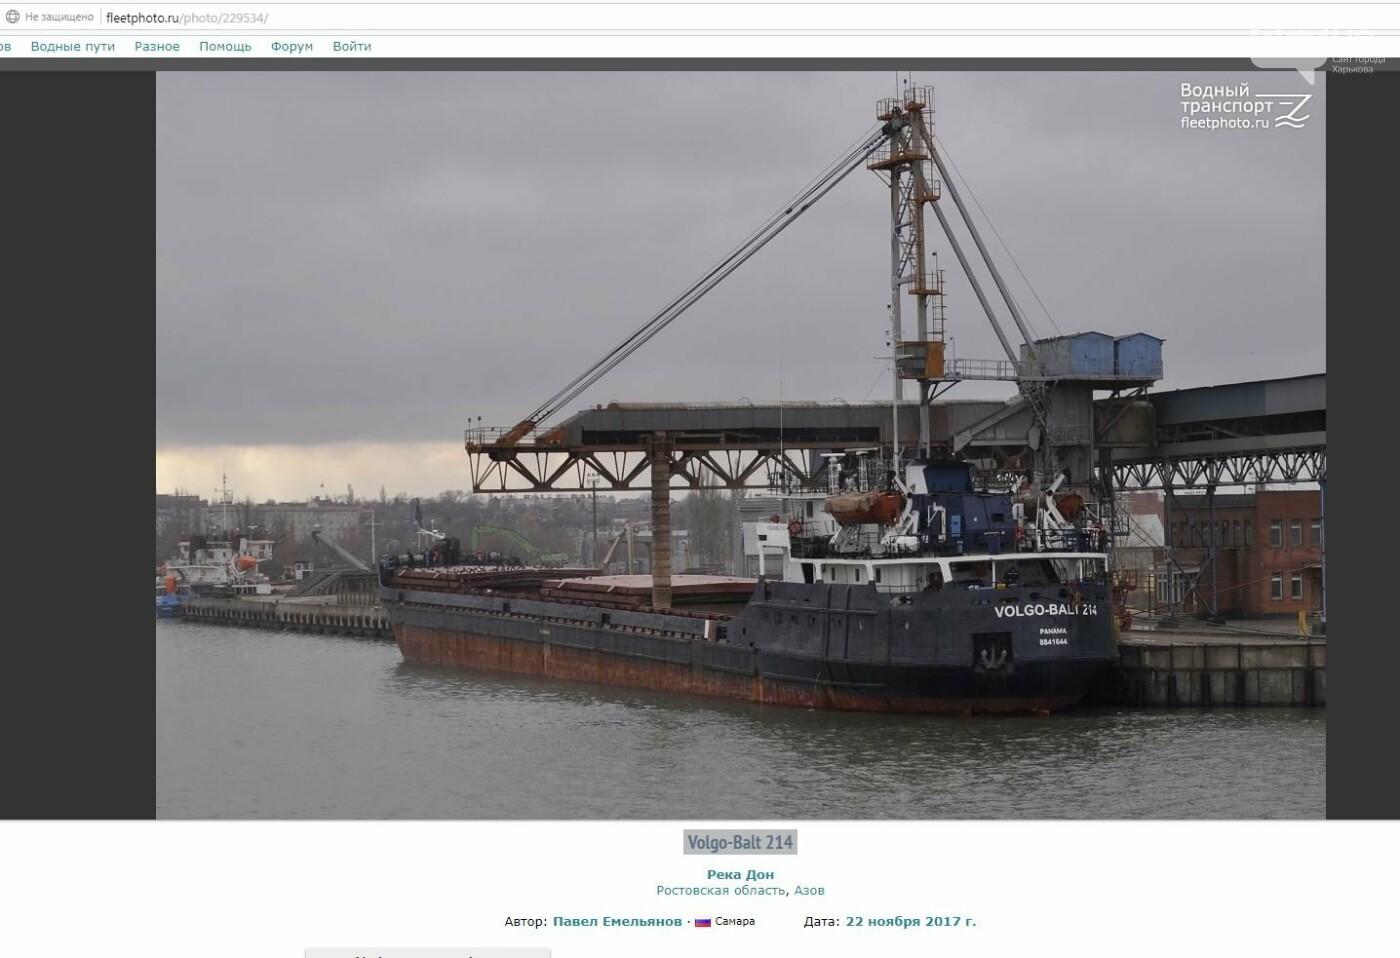 """""""Погибшие моряки не знали, куда плывут"""": как российский уголь продают в Украину """"втридорога"""" под видом африканского, - ФОТО, фото-17"""